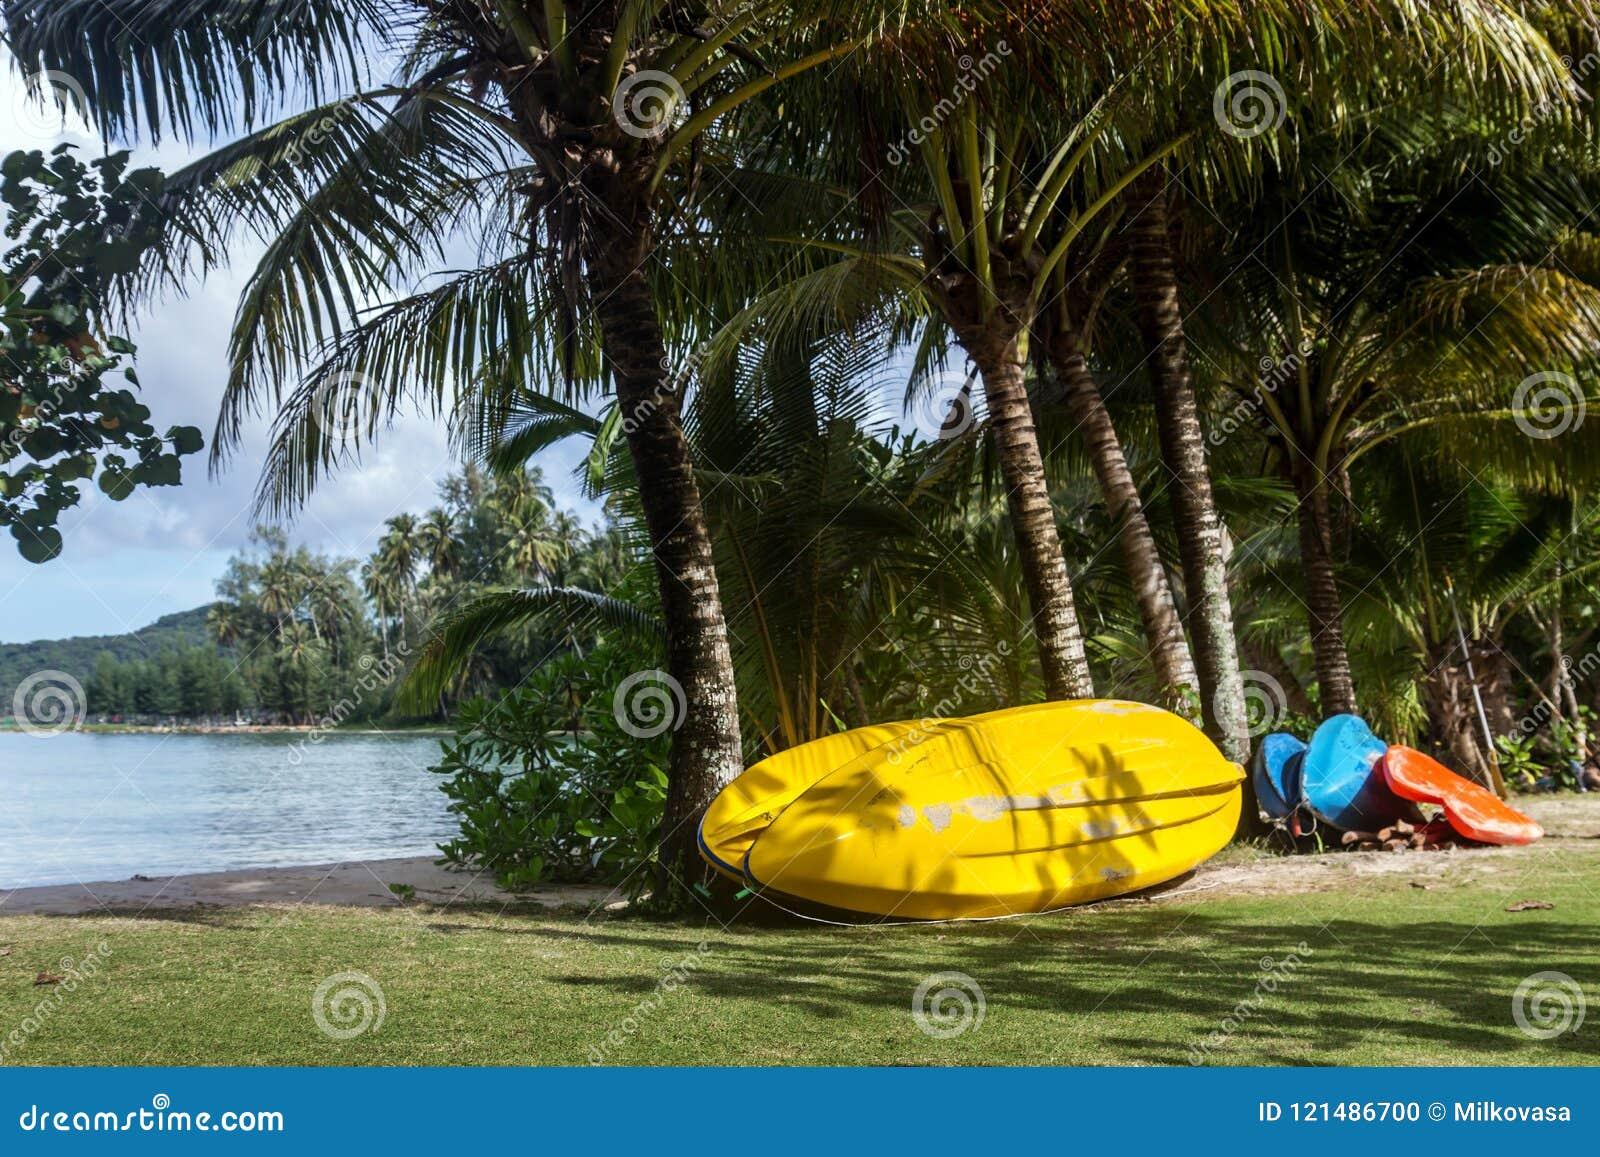 Kajak onder kokospalmen